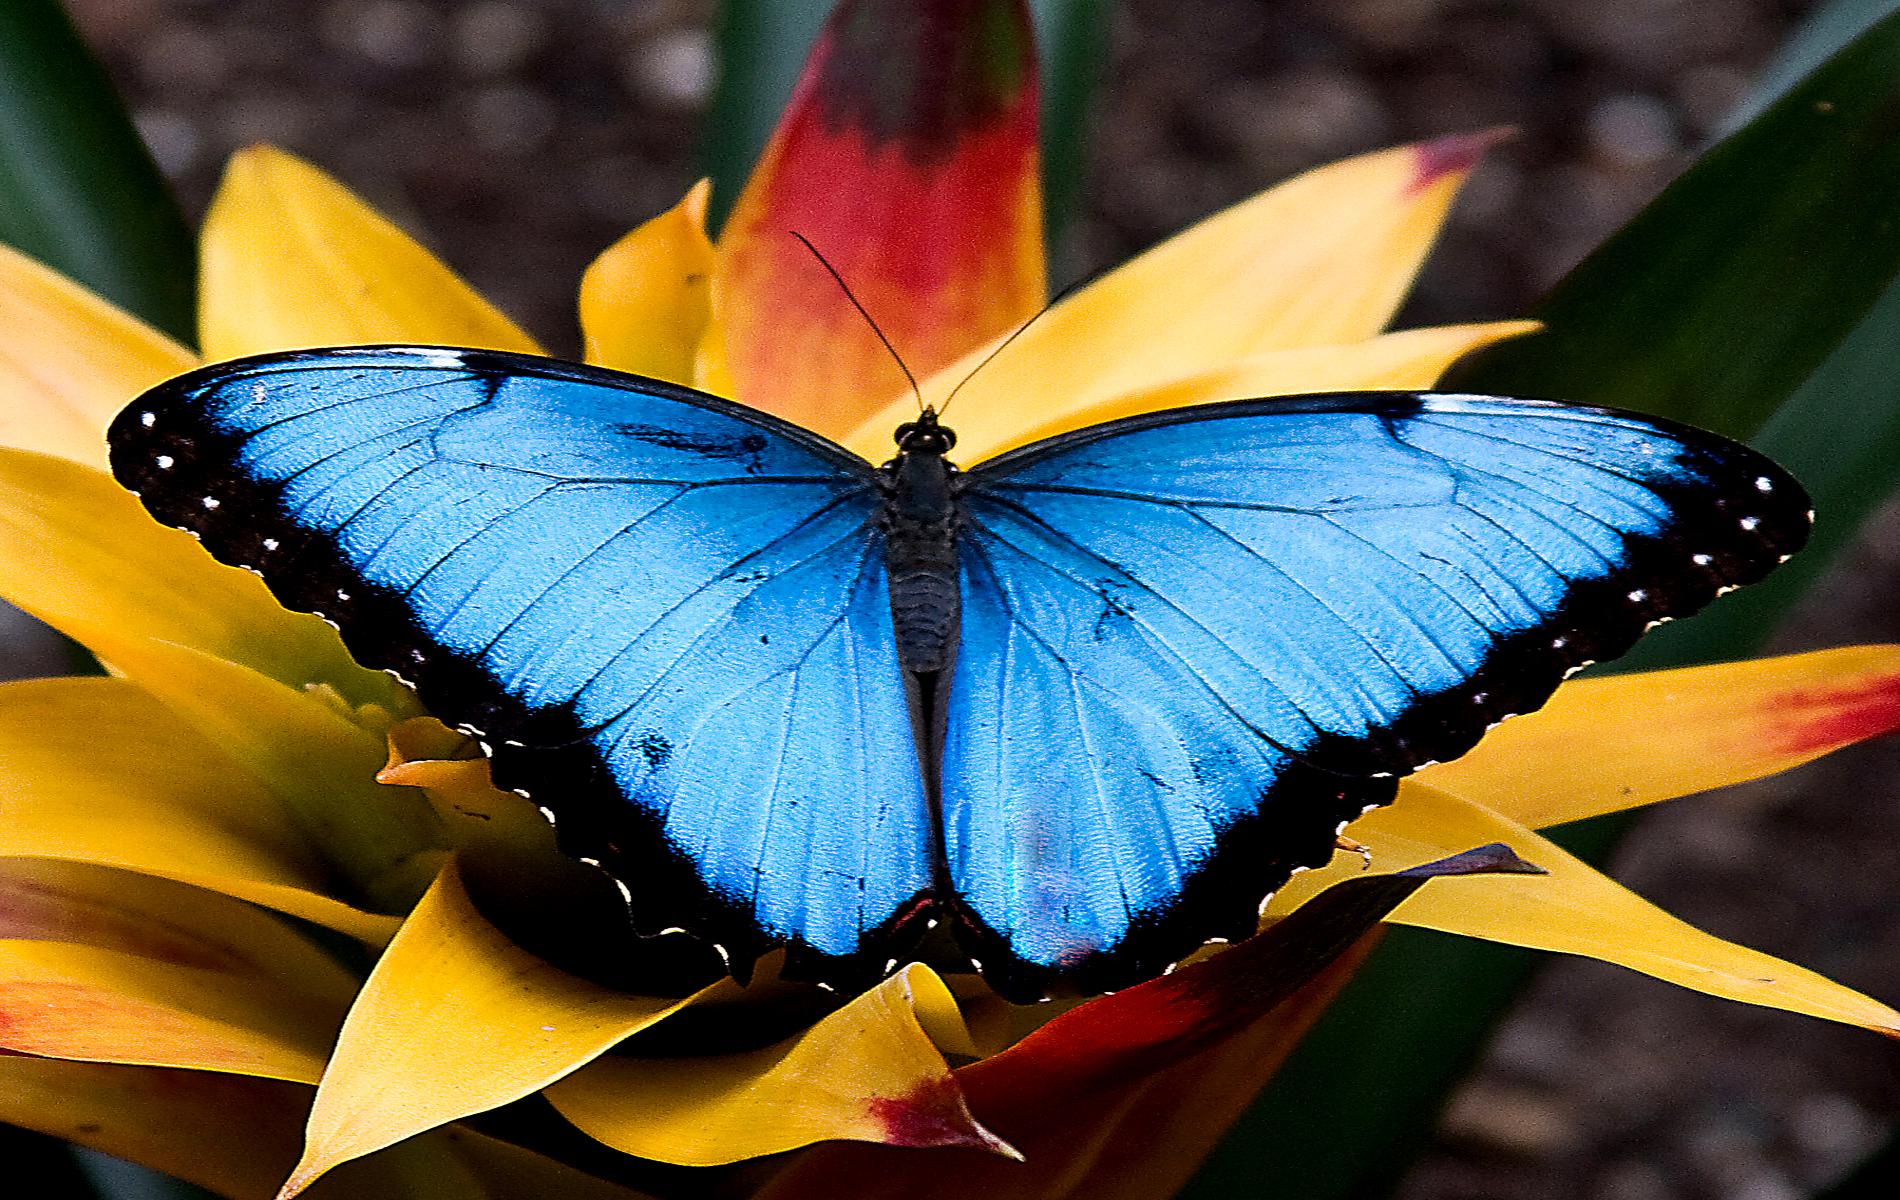 Butterfly 3d butterfly wallpapers for desktop Fine HD 1900x1200